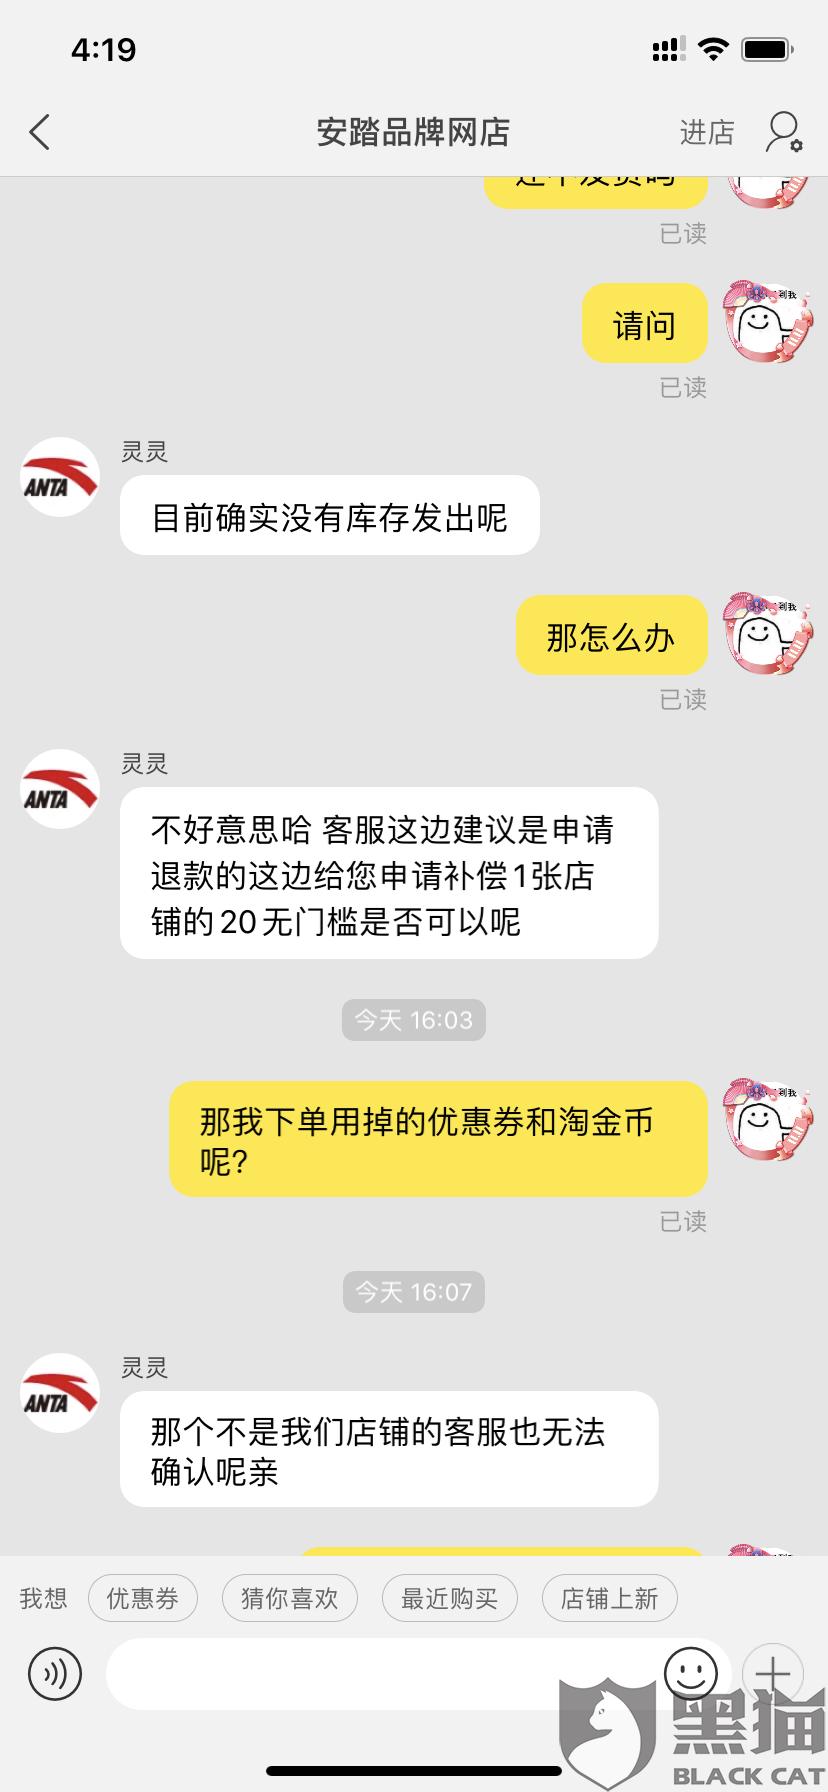 """黑猫投诉:淘宝""""安踏品牌网店""""不发货怀疑恶意刷单"""